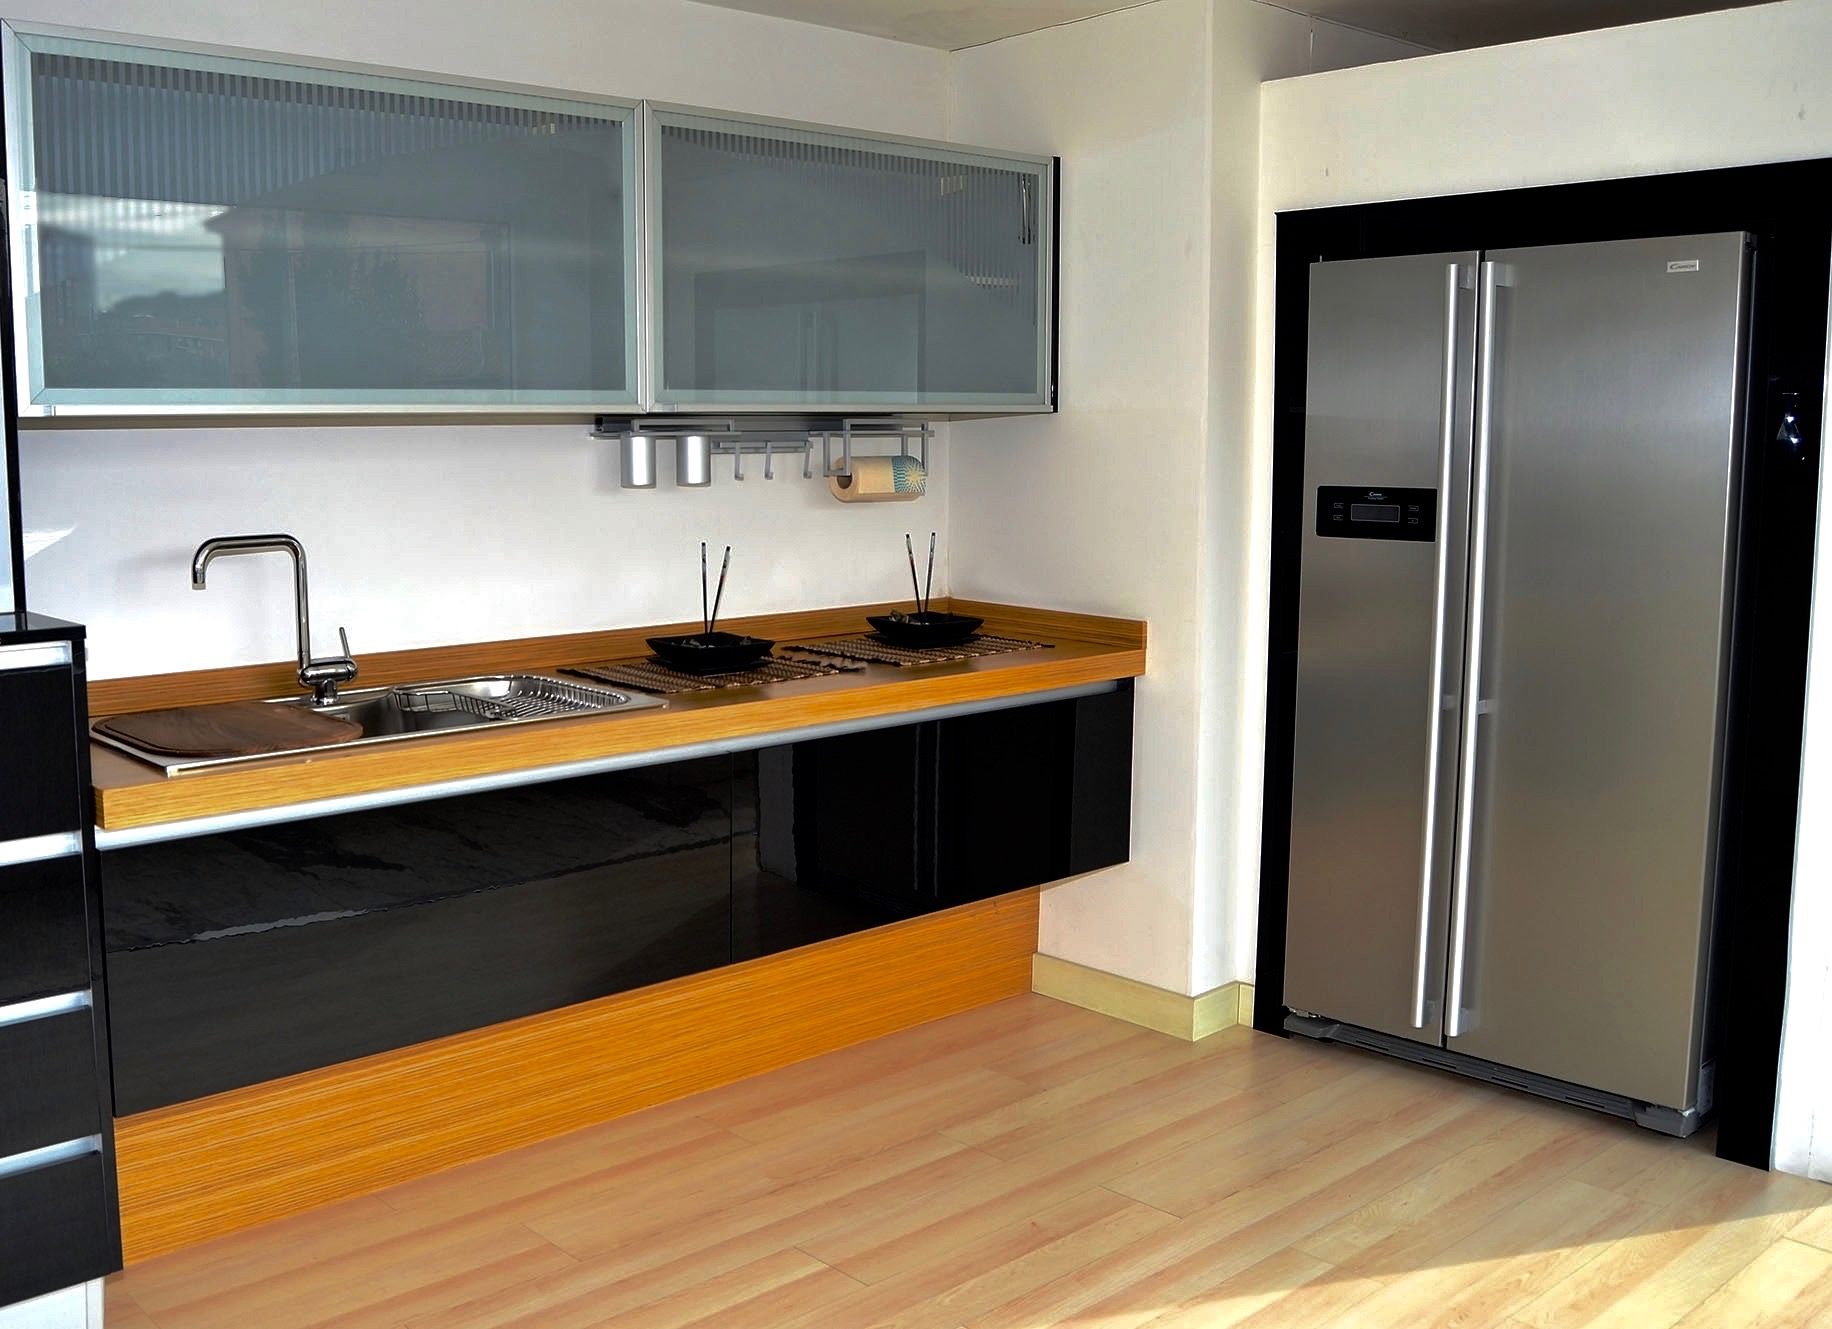 Nuestras cocinas elegantes07 josman hermanos tienda de Cocinas y banos modernos